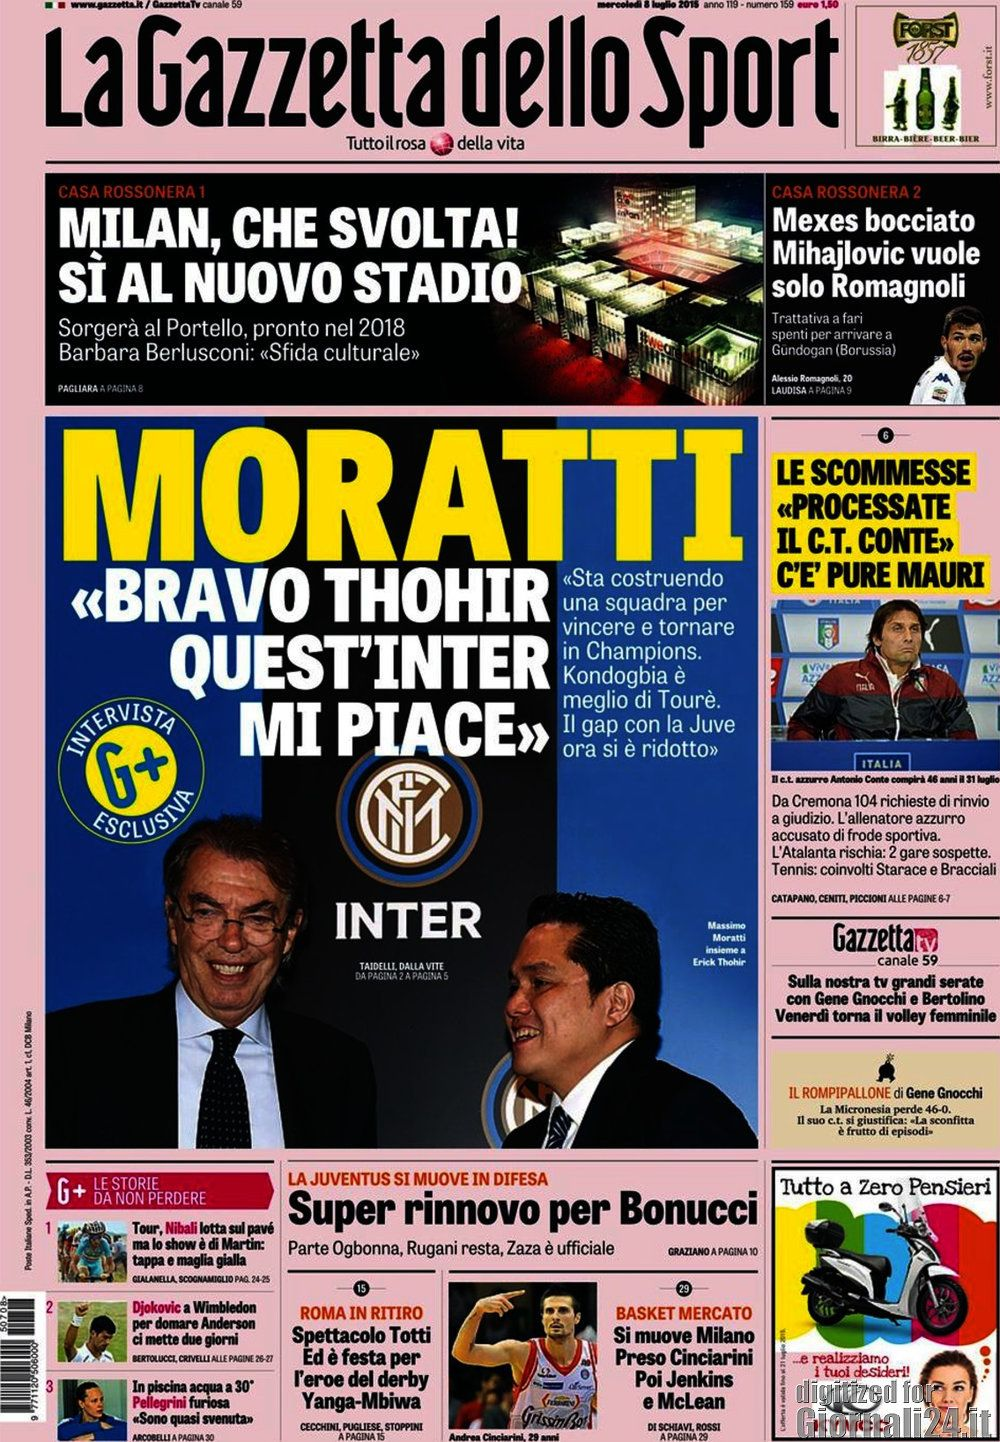 Gazzetta dello Sport 8-07-2015